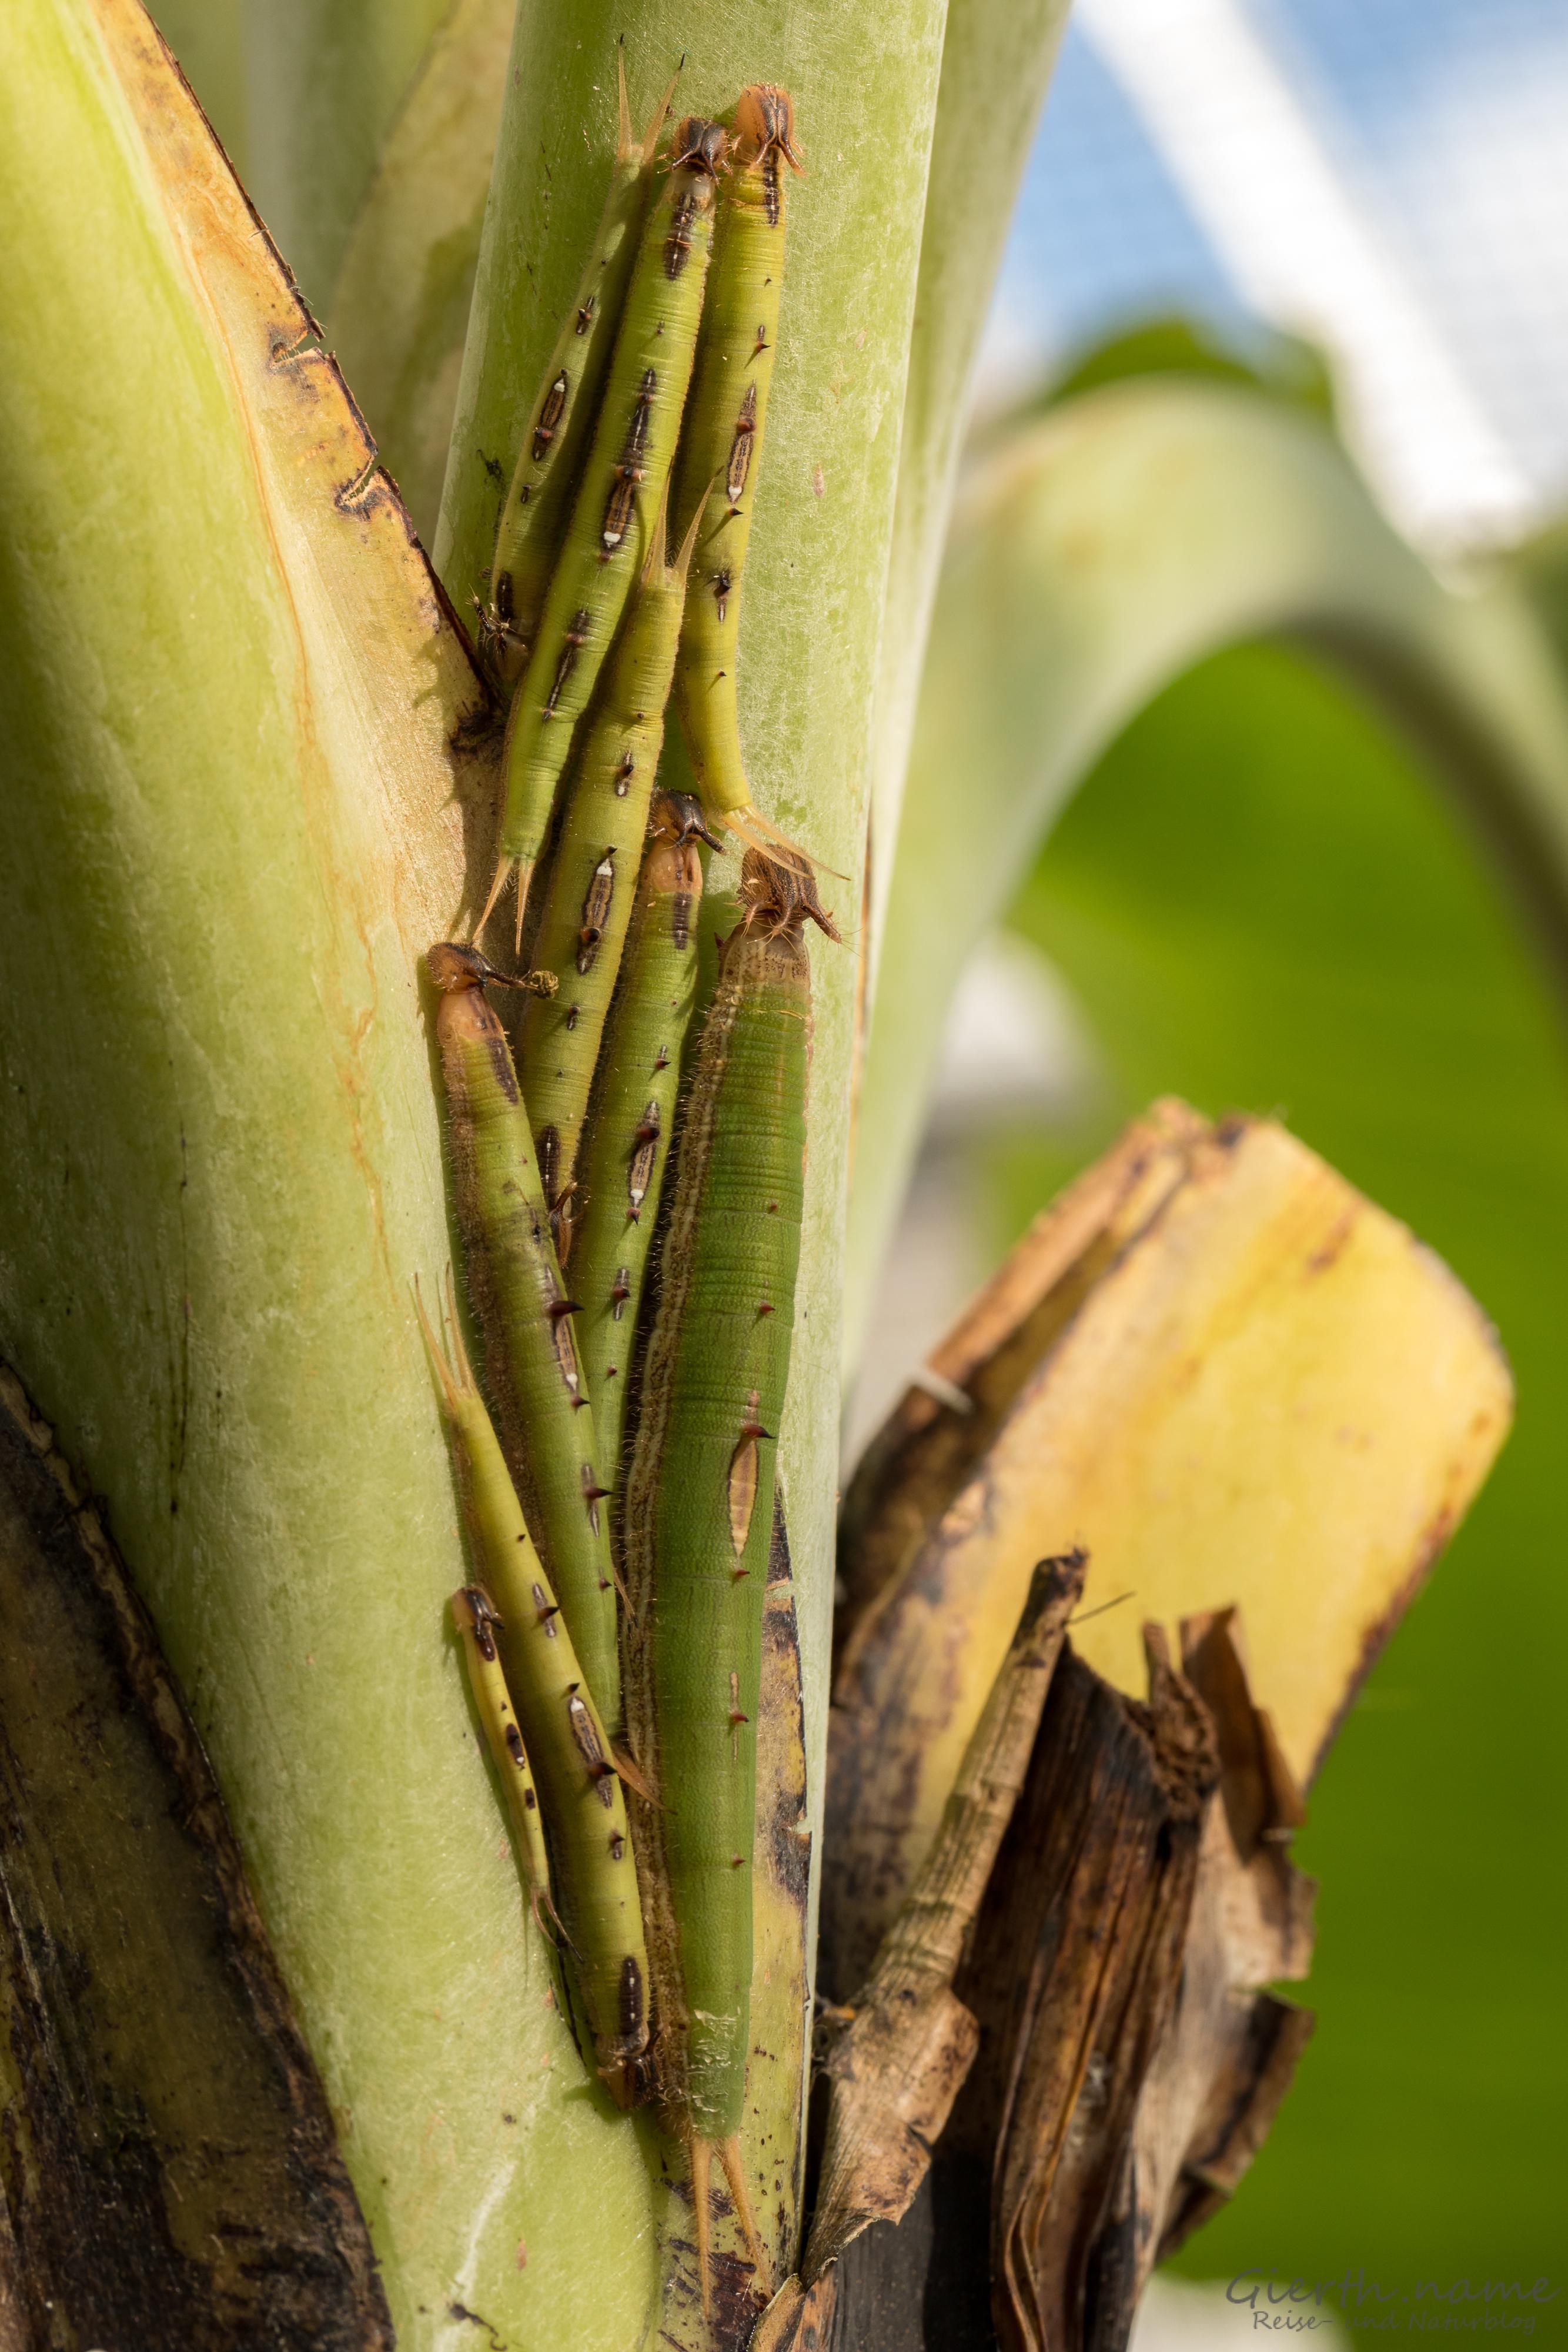 Bananenfalter Raupen